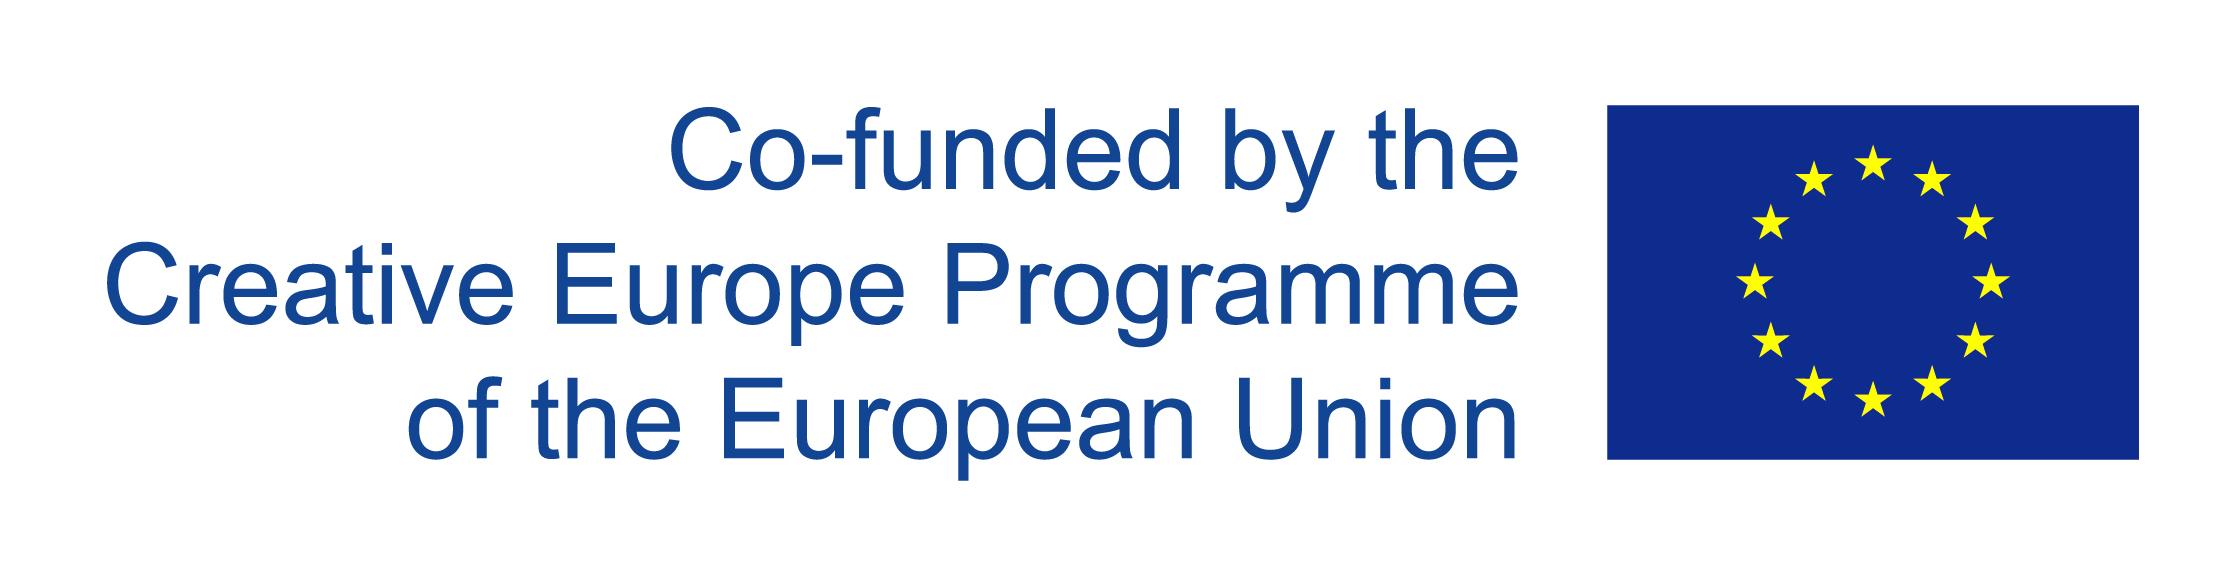 Συνχρηματοδοτείται από την ΕΕ